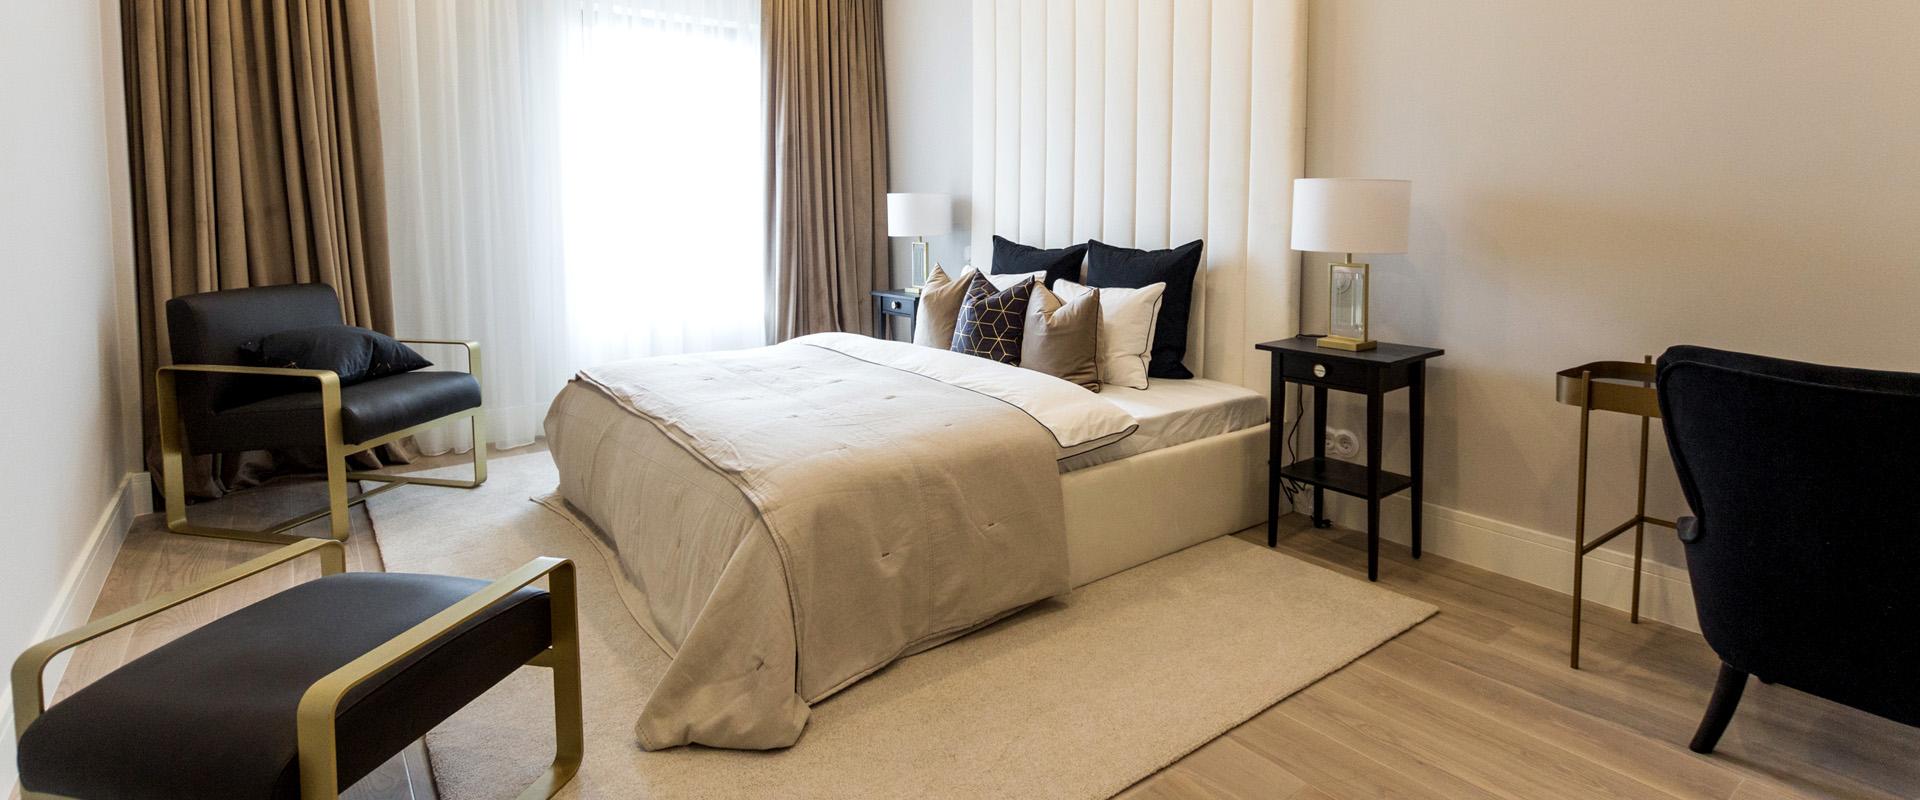 Vanzare apartament 4 camere   Penthouse, Terasa 168mp, Lux   Pipera [ID: 1180420]